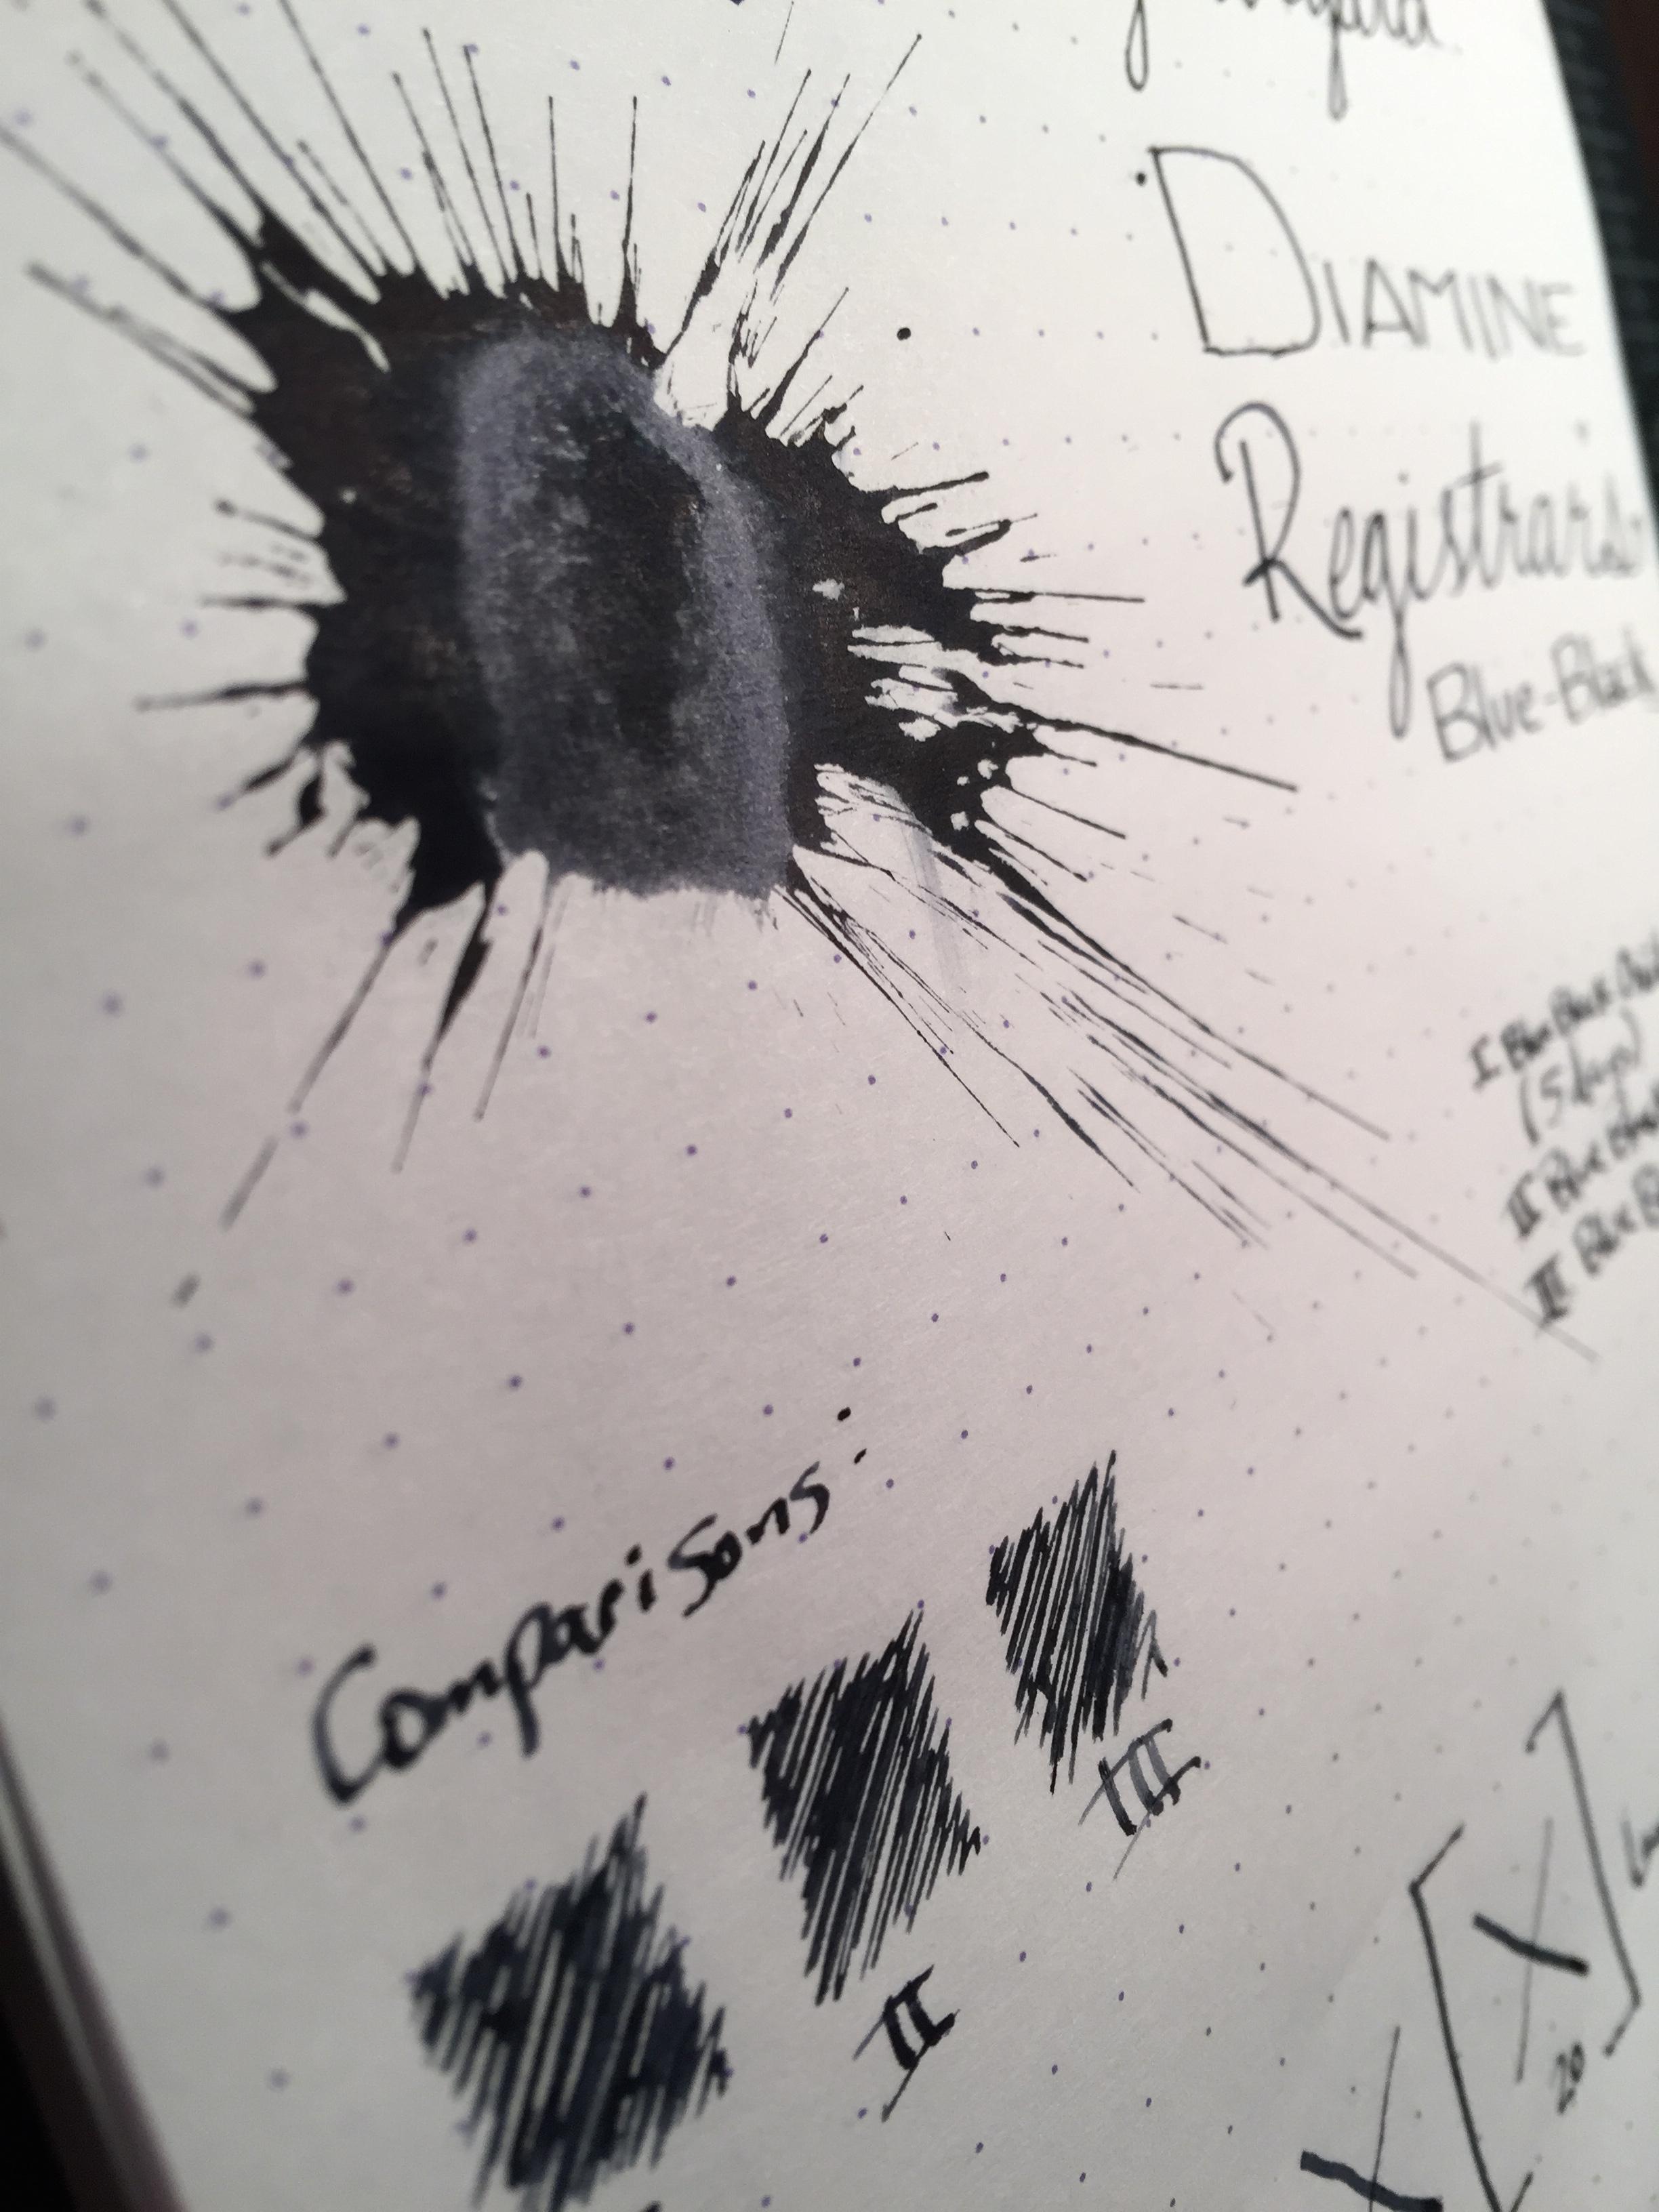 Ink splatter after 5 days